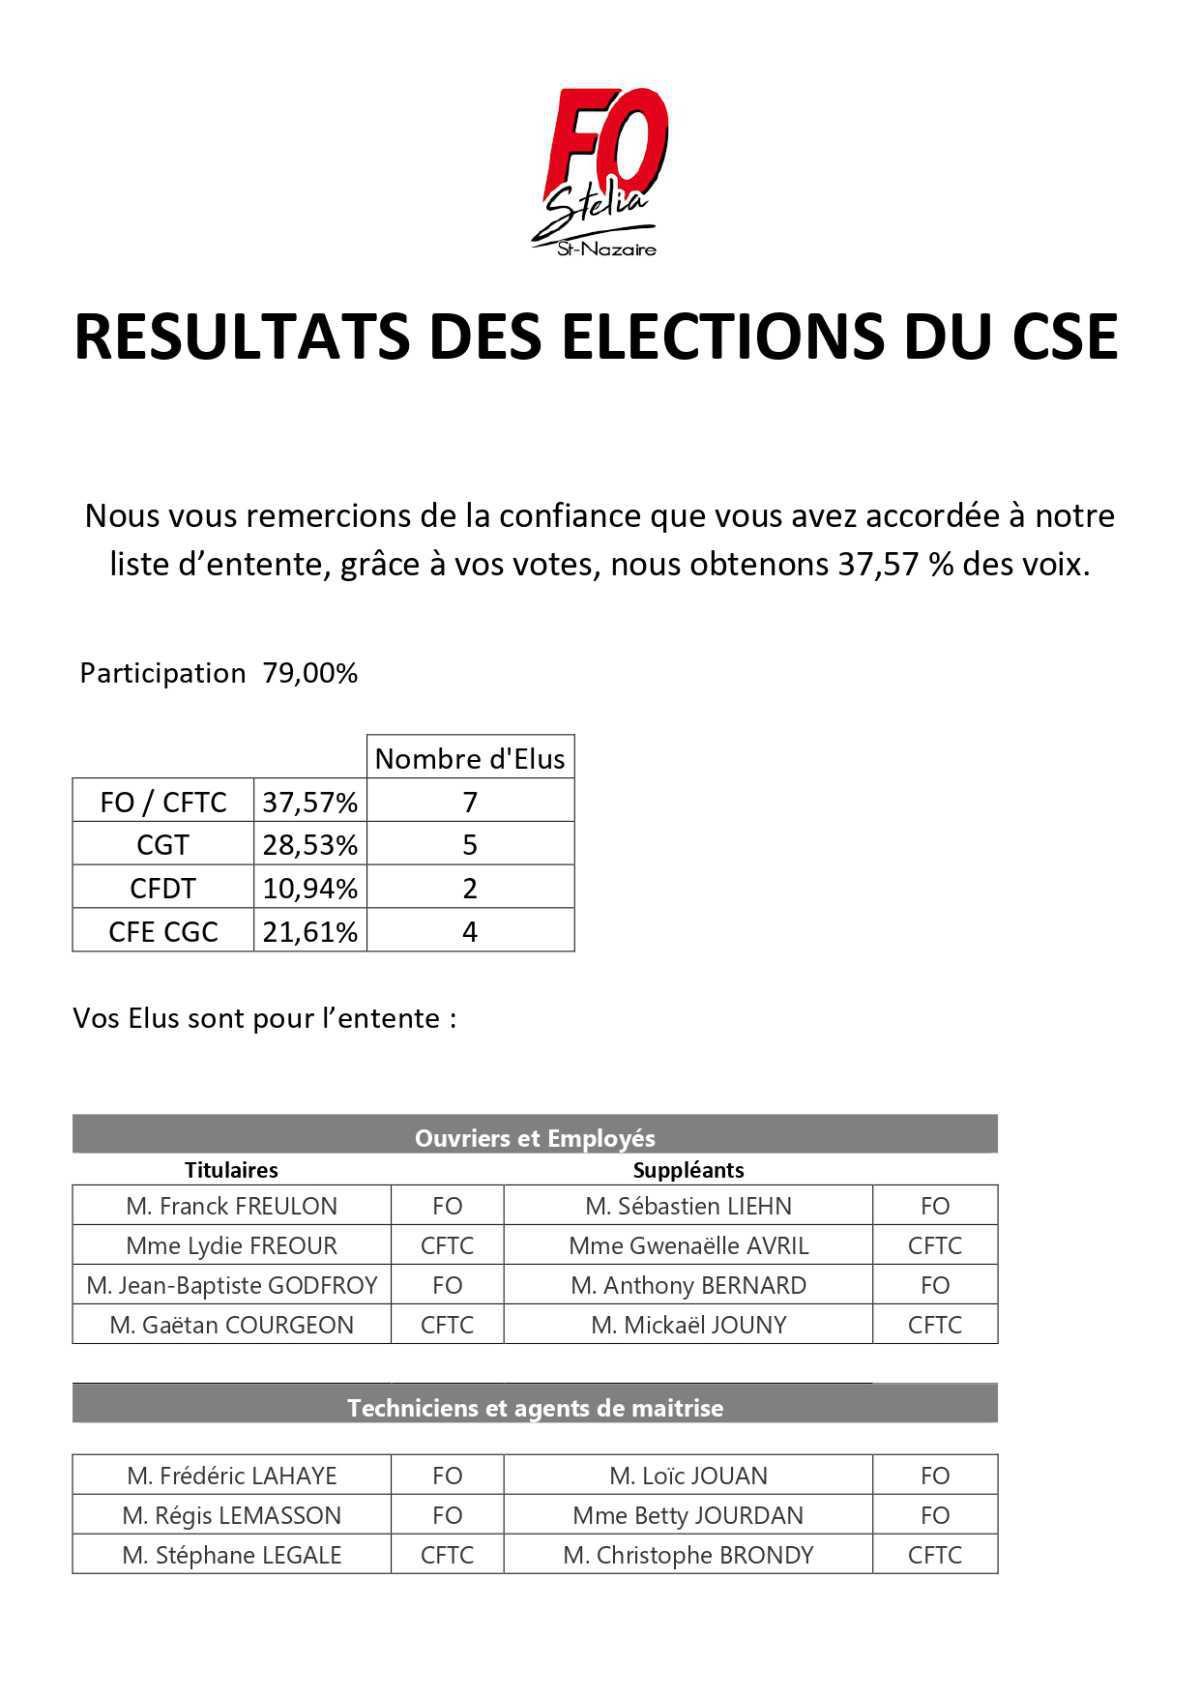 RÉSULTAT DES ELECTIONS DU CSE